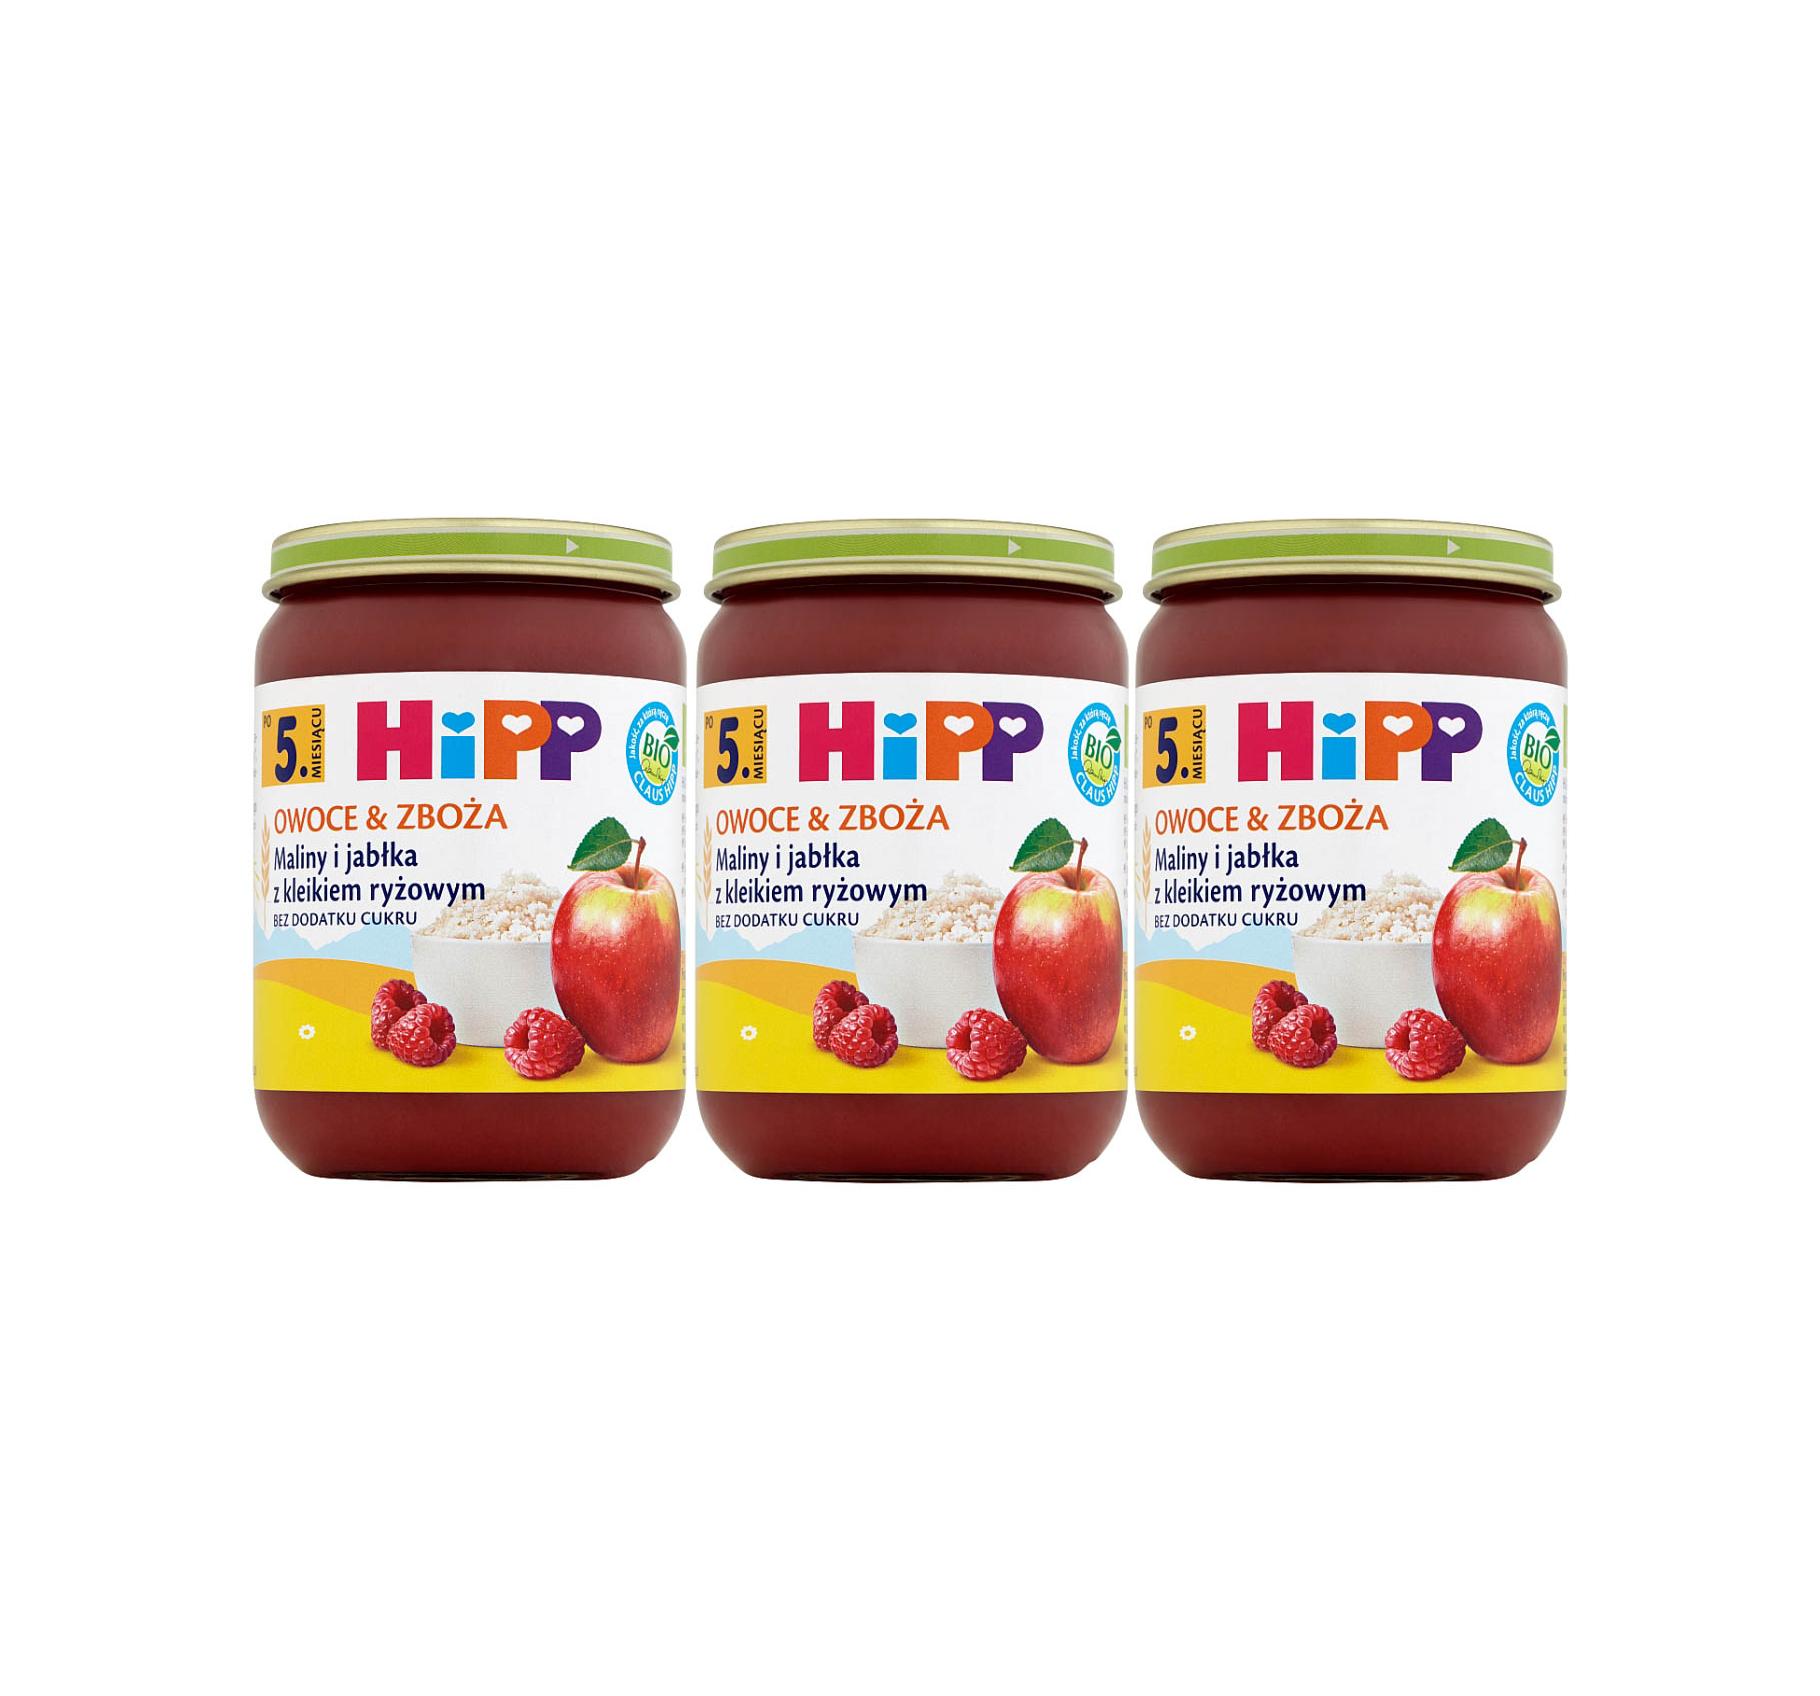 3 pak hipp 190 owoce&zboza maliny i jablka z kliekiem ryzowym